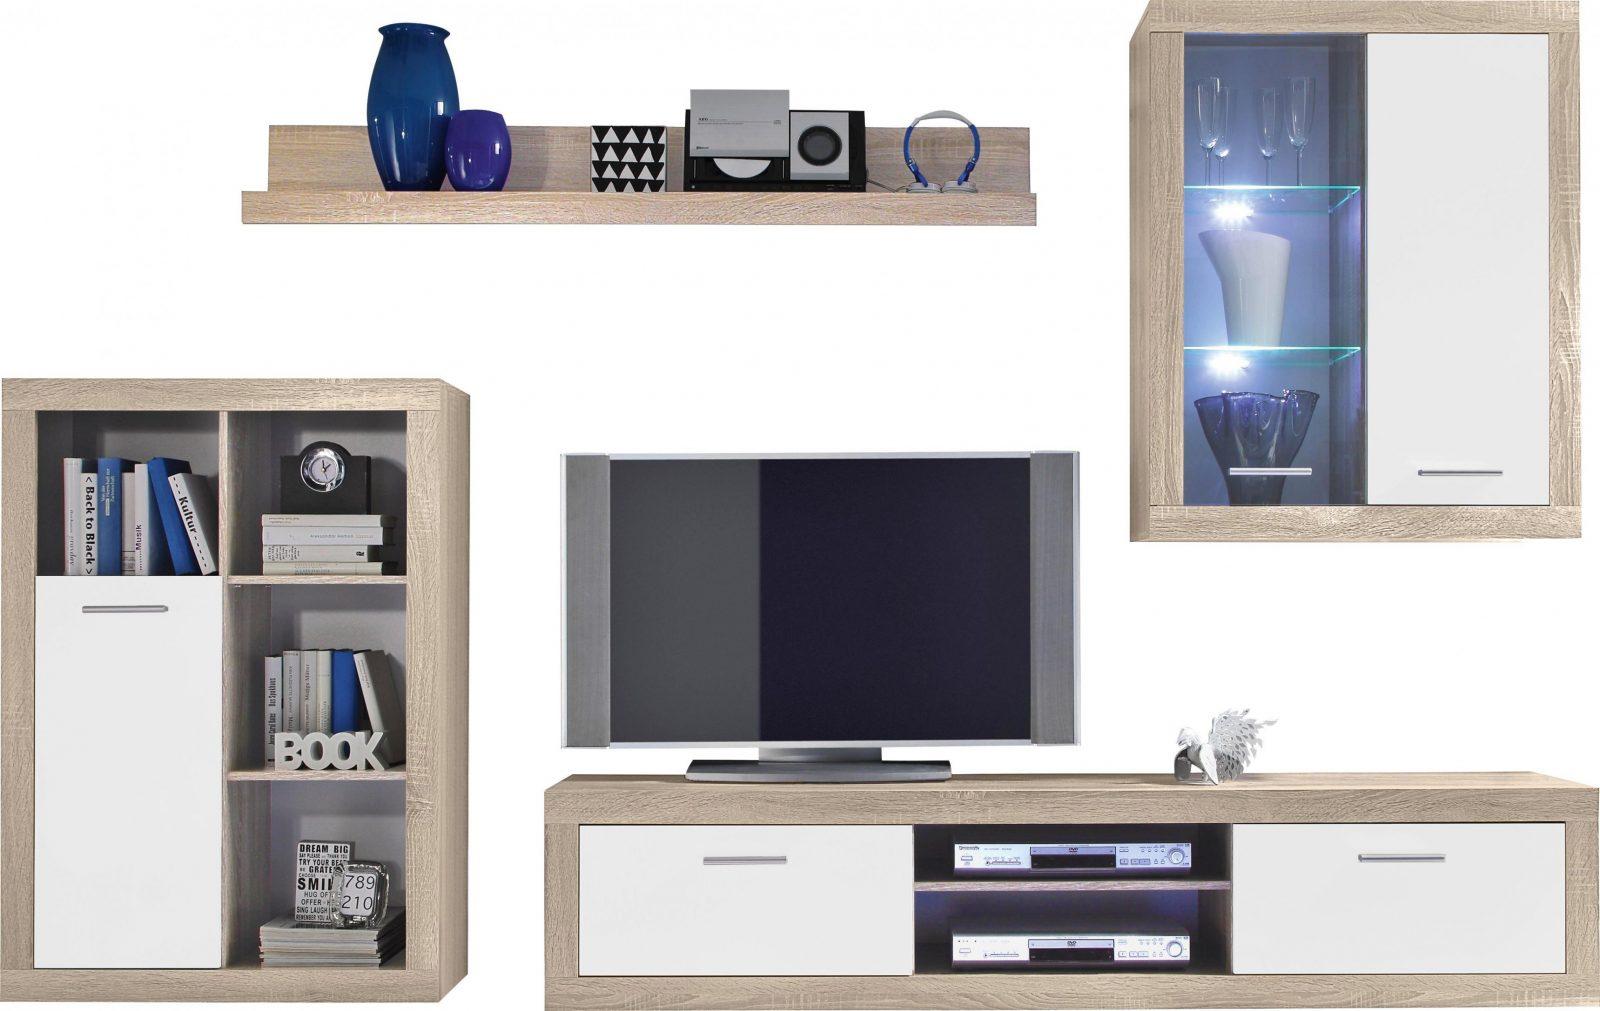 Wohnwand Weiß Sonoma Eiche Online Kaufen ➤ Xxxlutz von Wohnwand Unter 100 Euro Photo